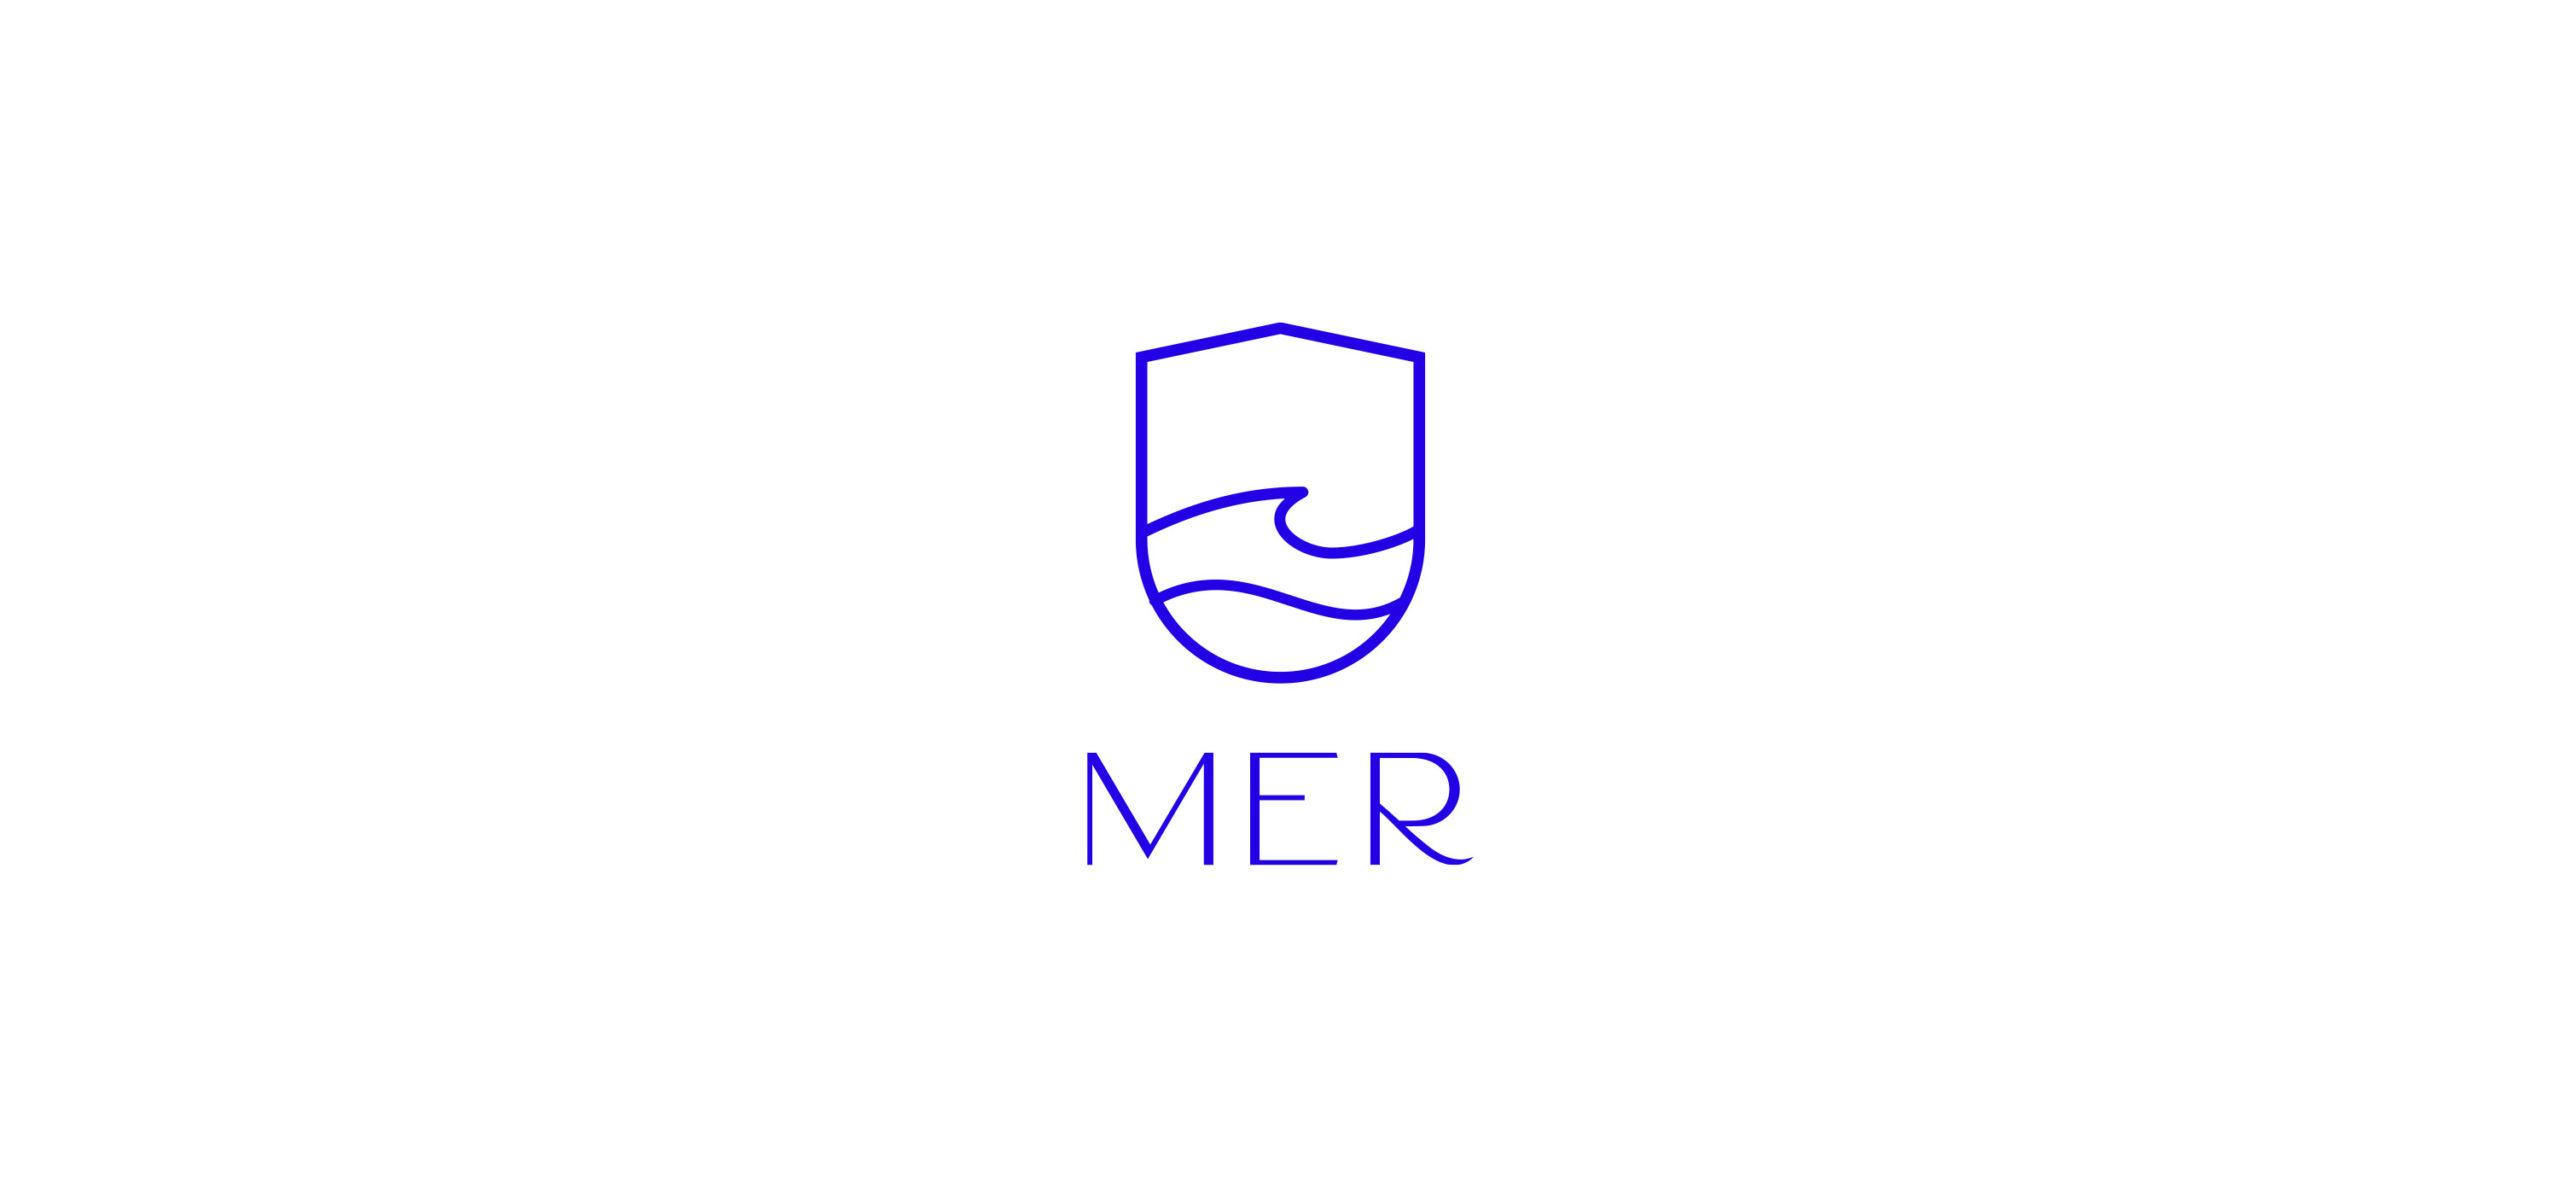 hotel-resort-logo-design-branding-finn-and-gray